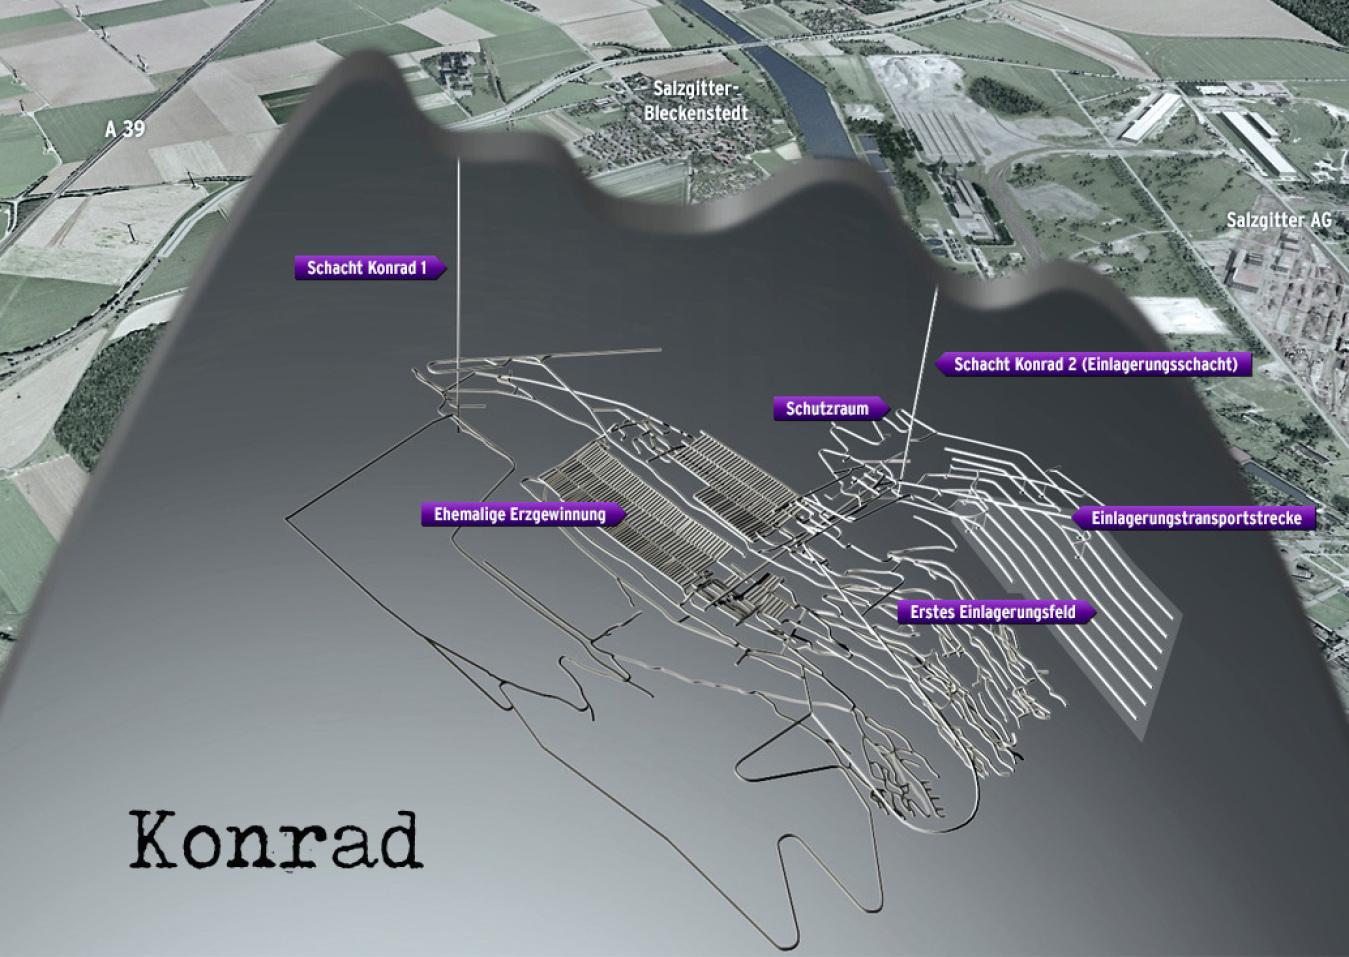 Konrad ist ein altes nasses Bergwerk - das kann gar kein LLW Endlager werden